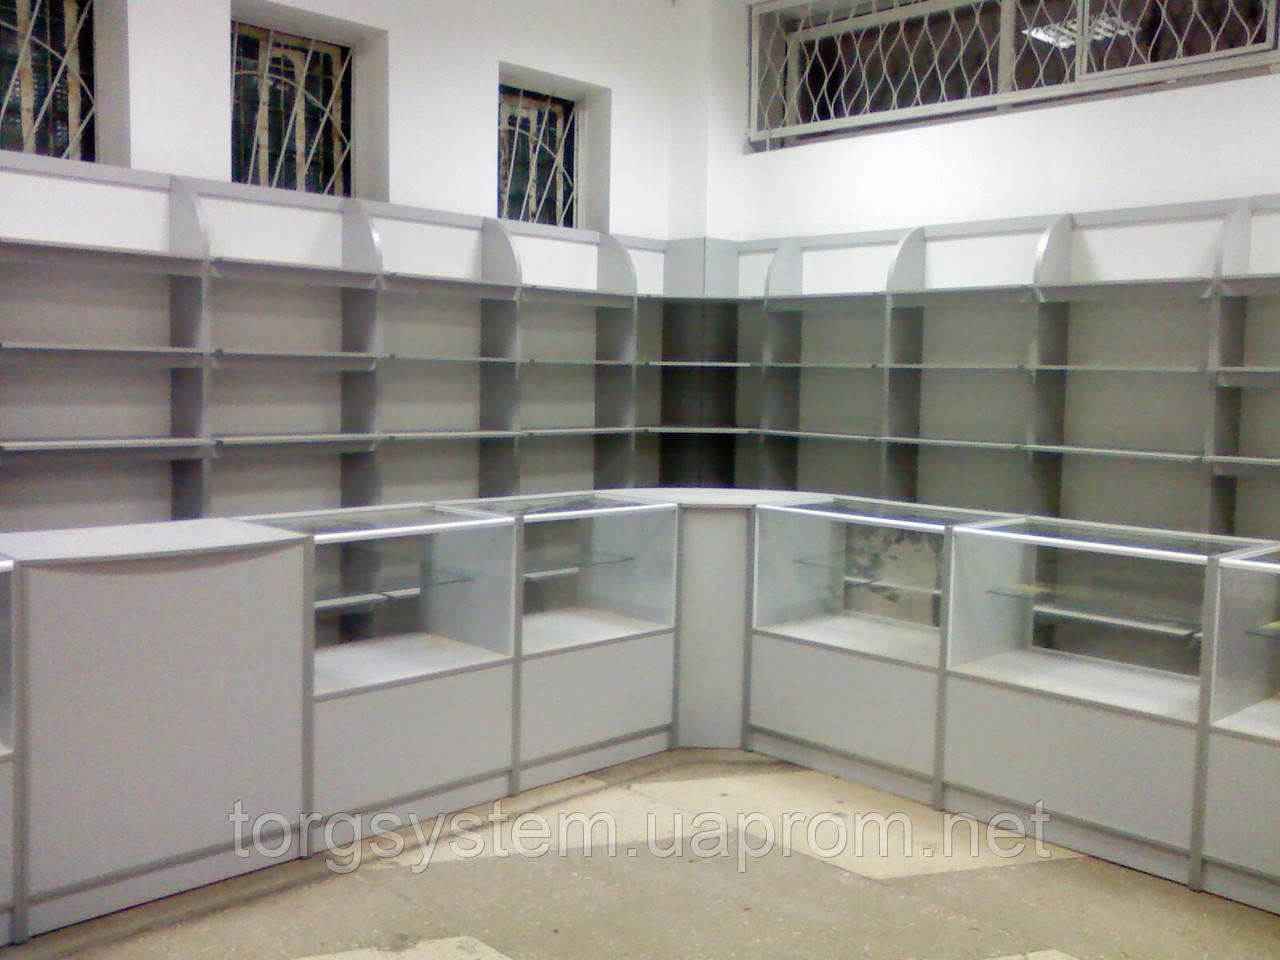 Отдел торговый магазин ДСП+алюминий